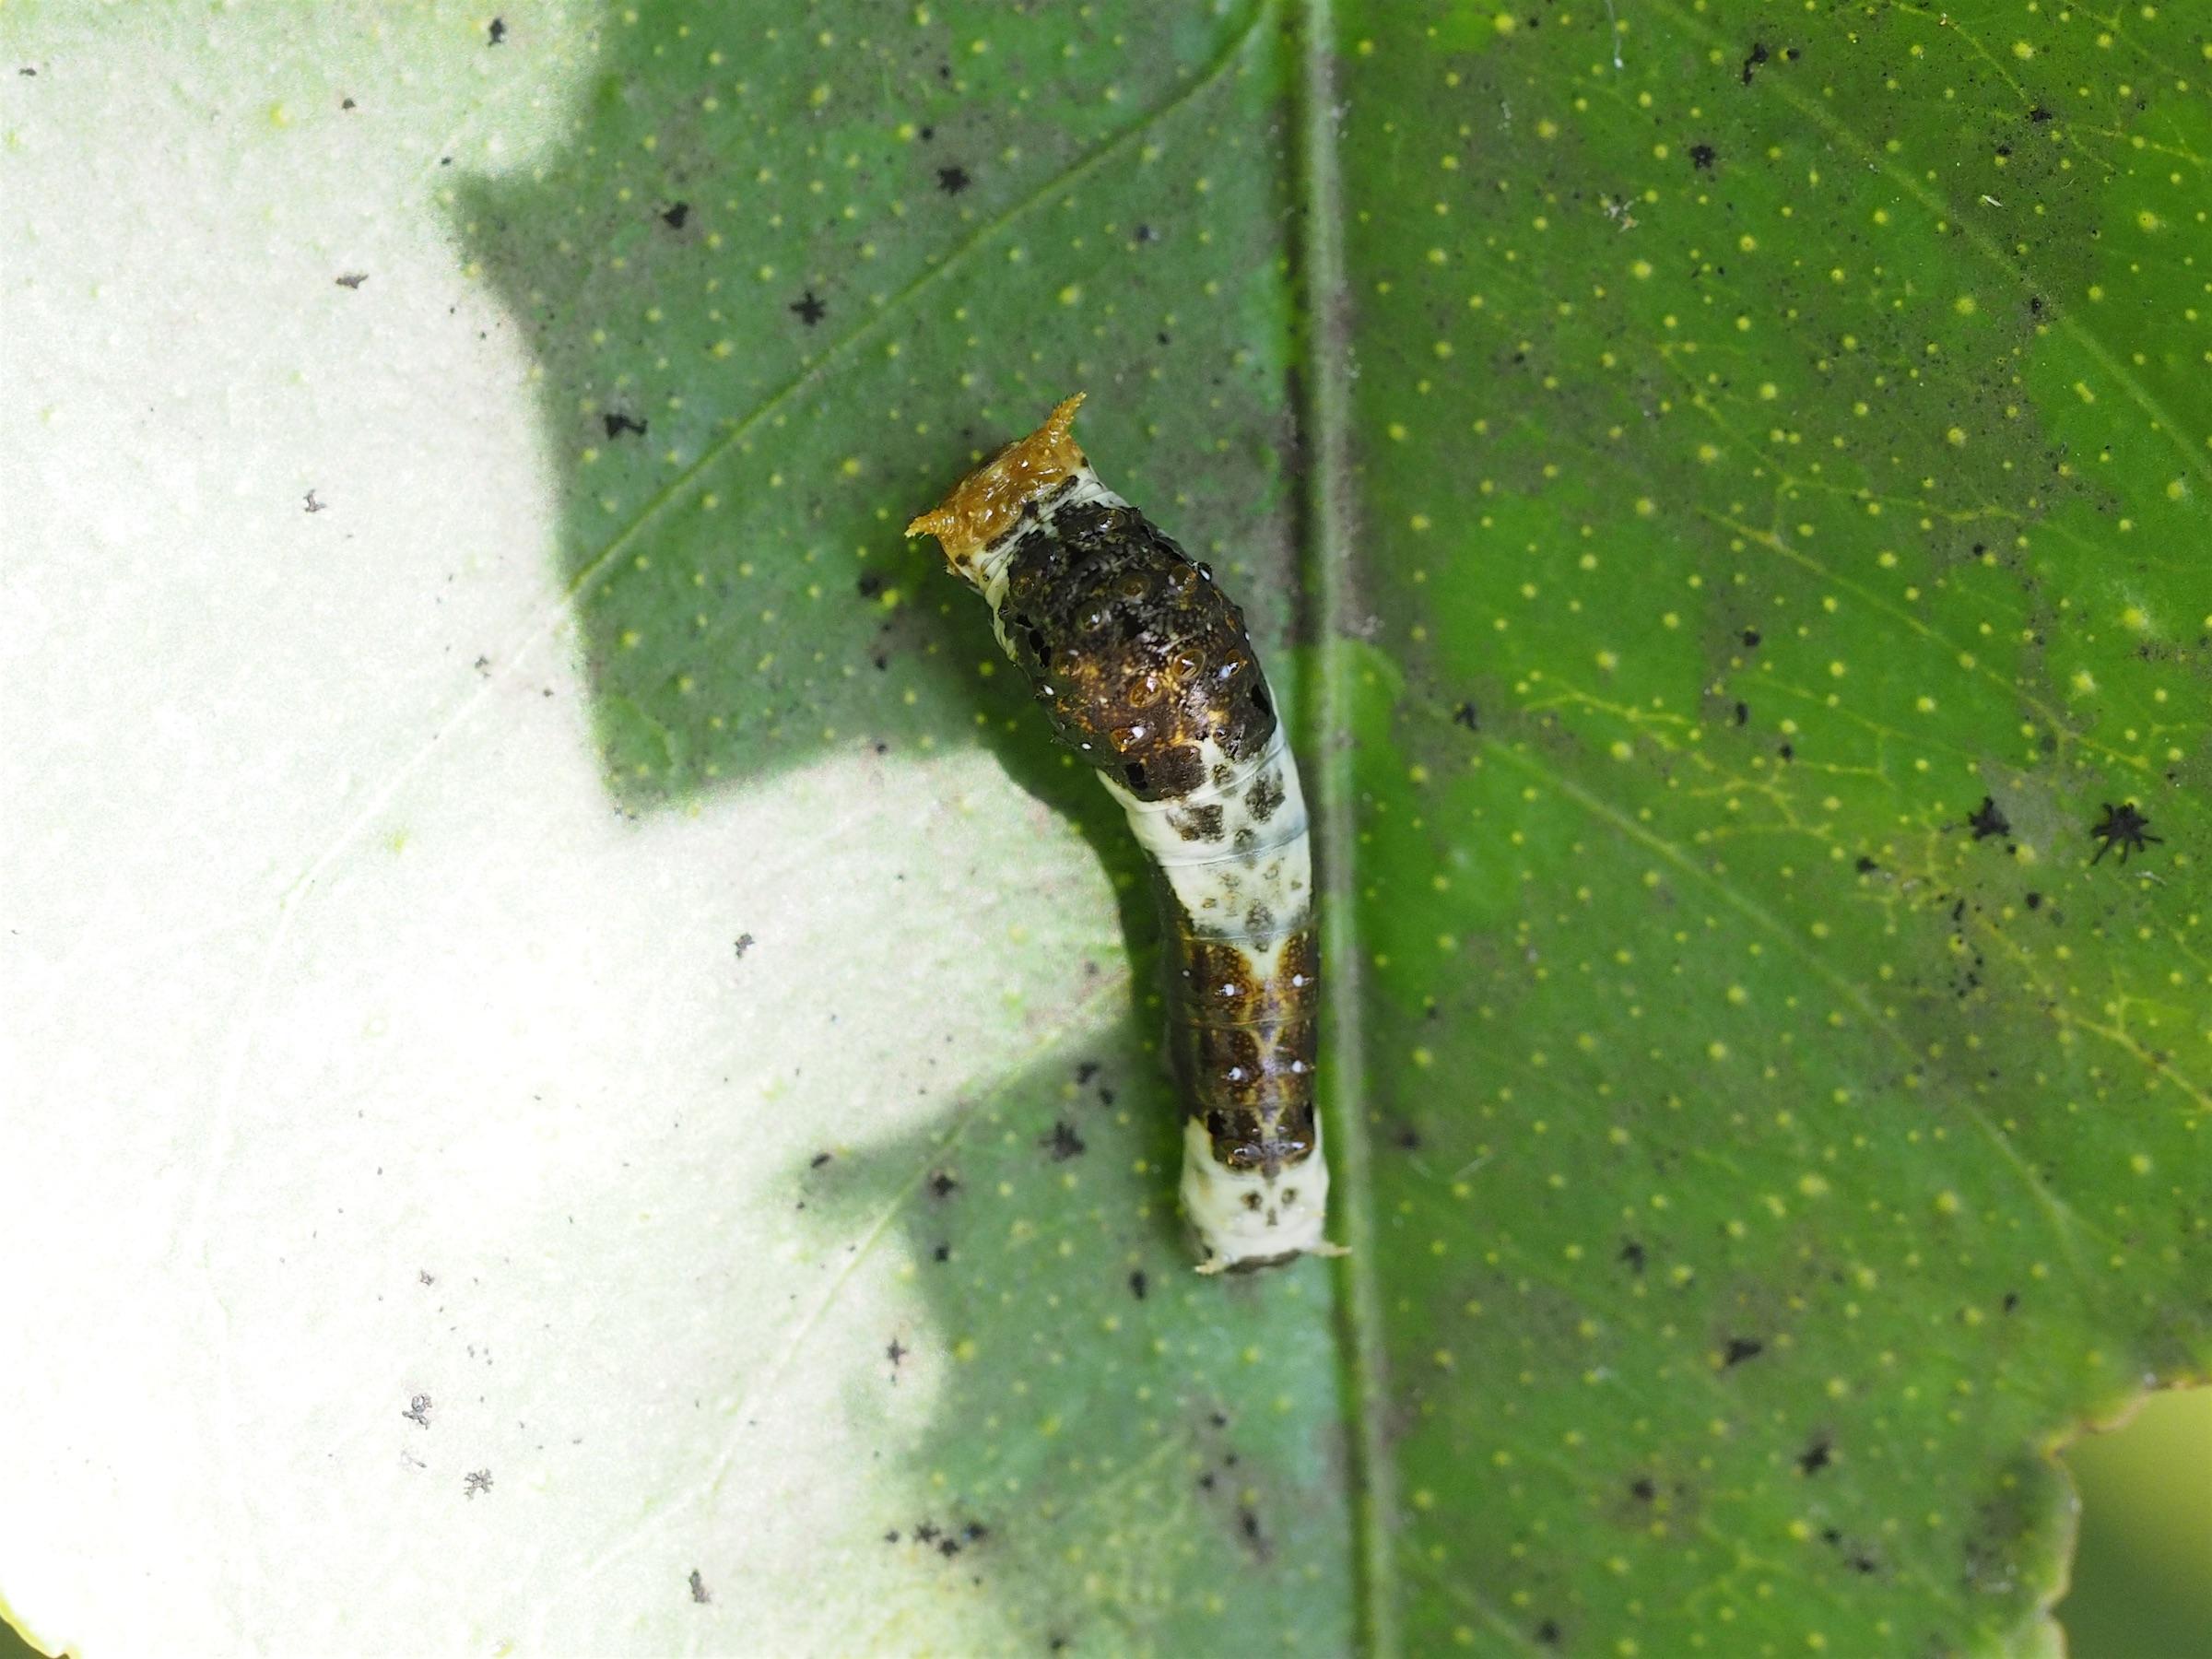 クロアゲハの幼虫(2016年8月31日)